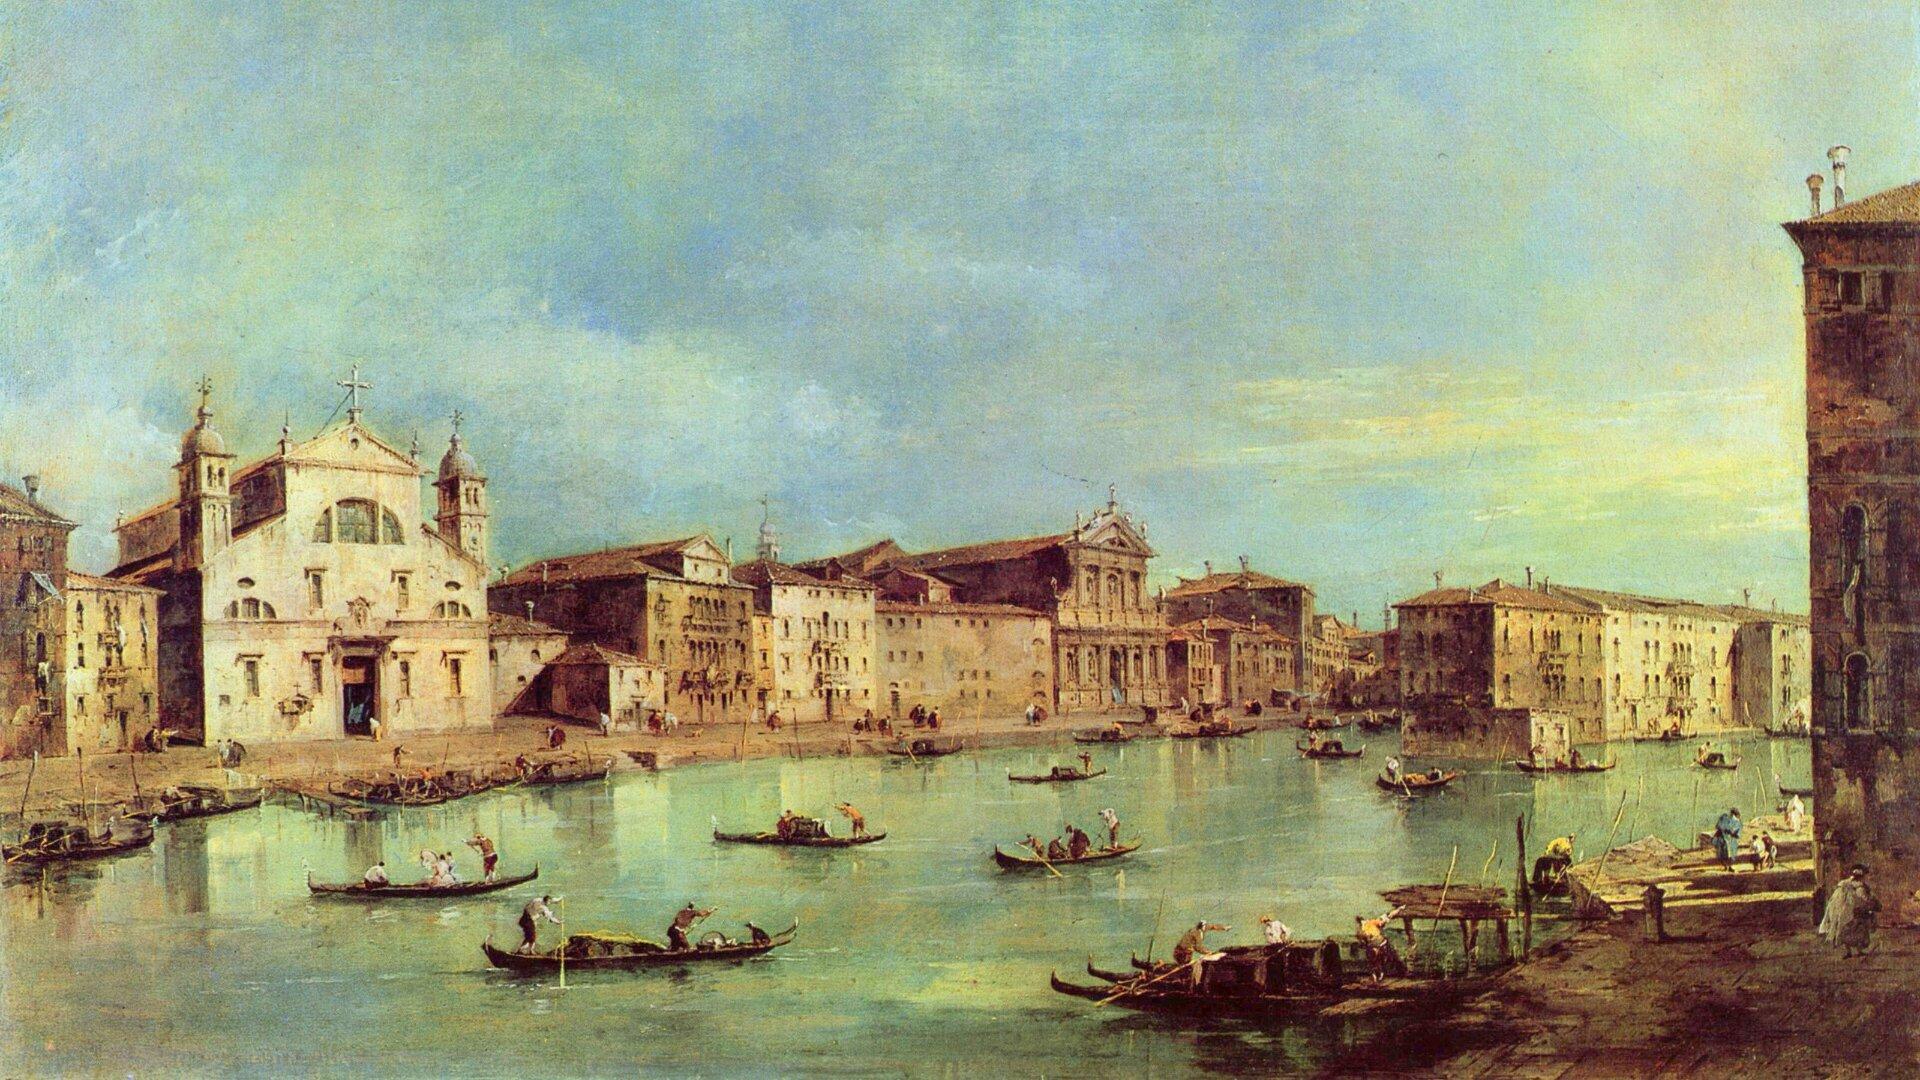 """Obraz przedstawia zabudowę miejską nad kanałem, po którym pływają łódki. Jest podpisany: """"Francesco Guardi »Canale Grande«""""."""